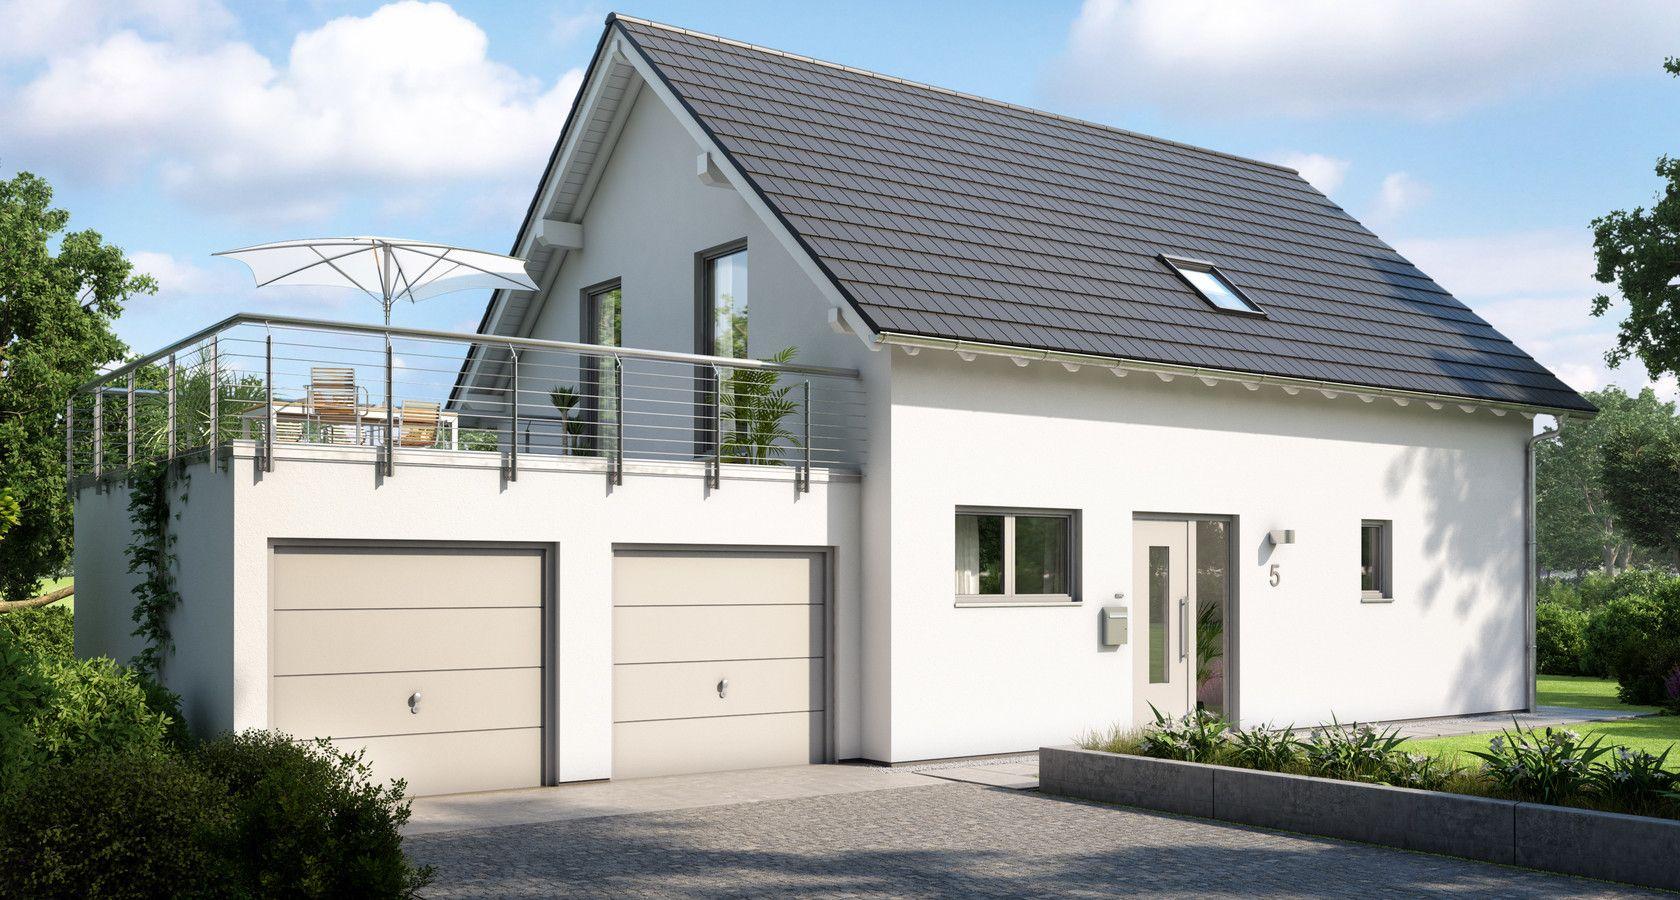 Garagen Doppelgarage Familienhaus Haus Mit Garage